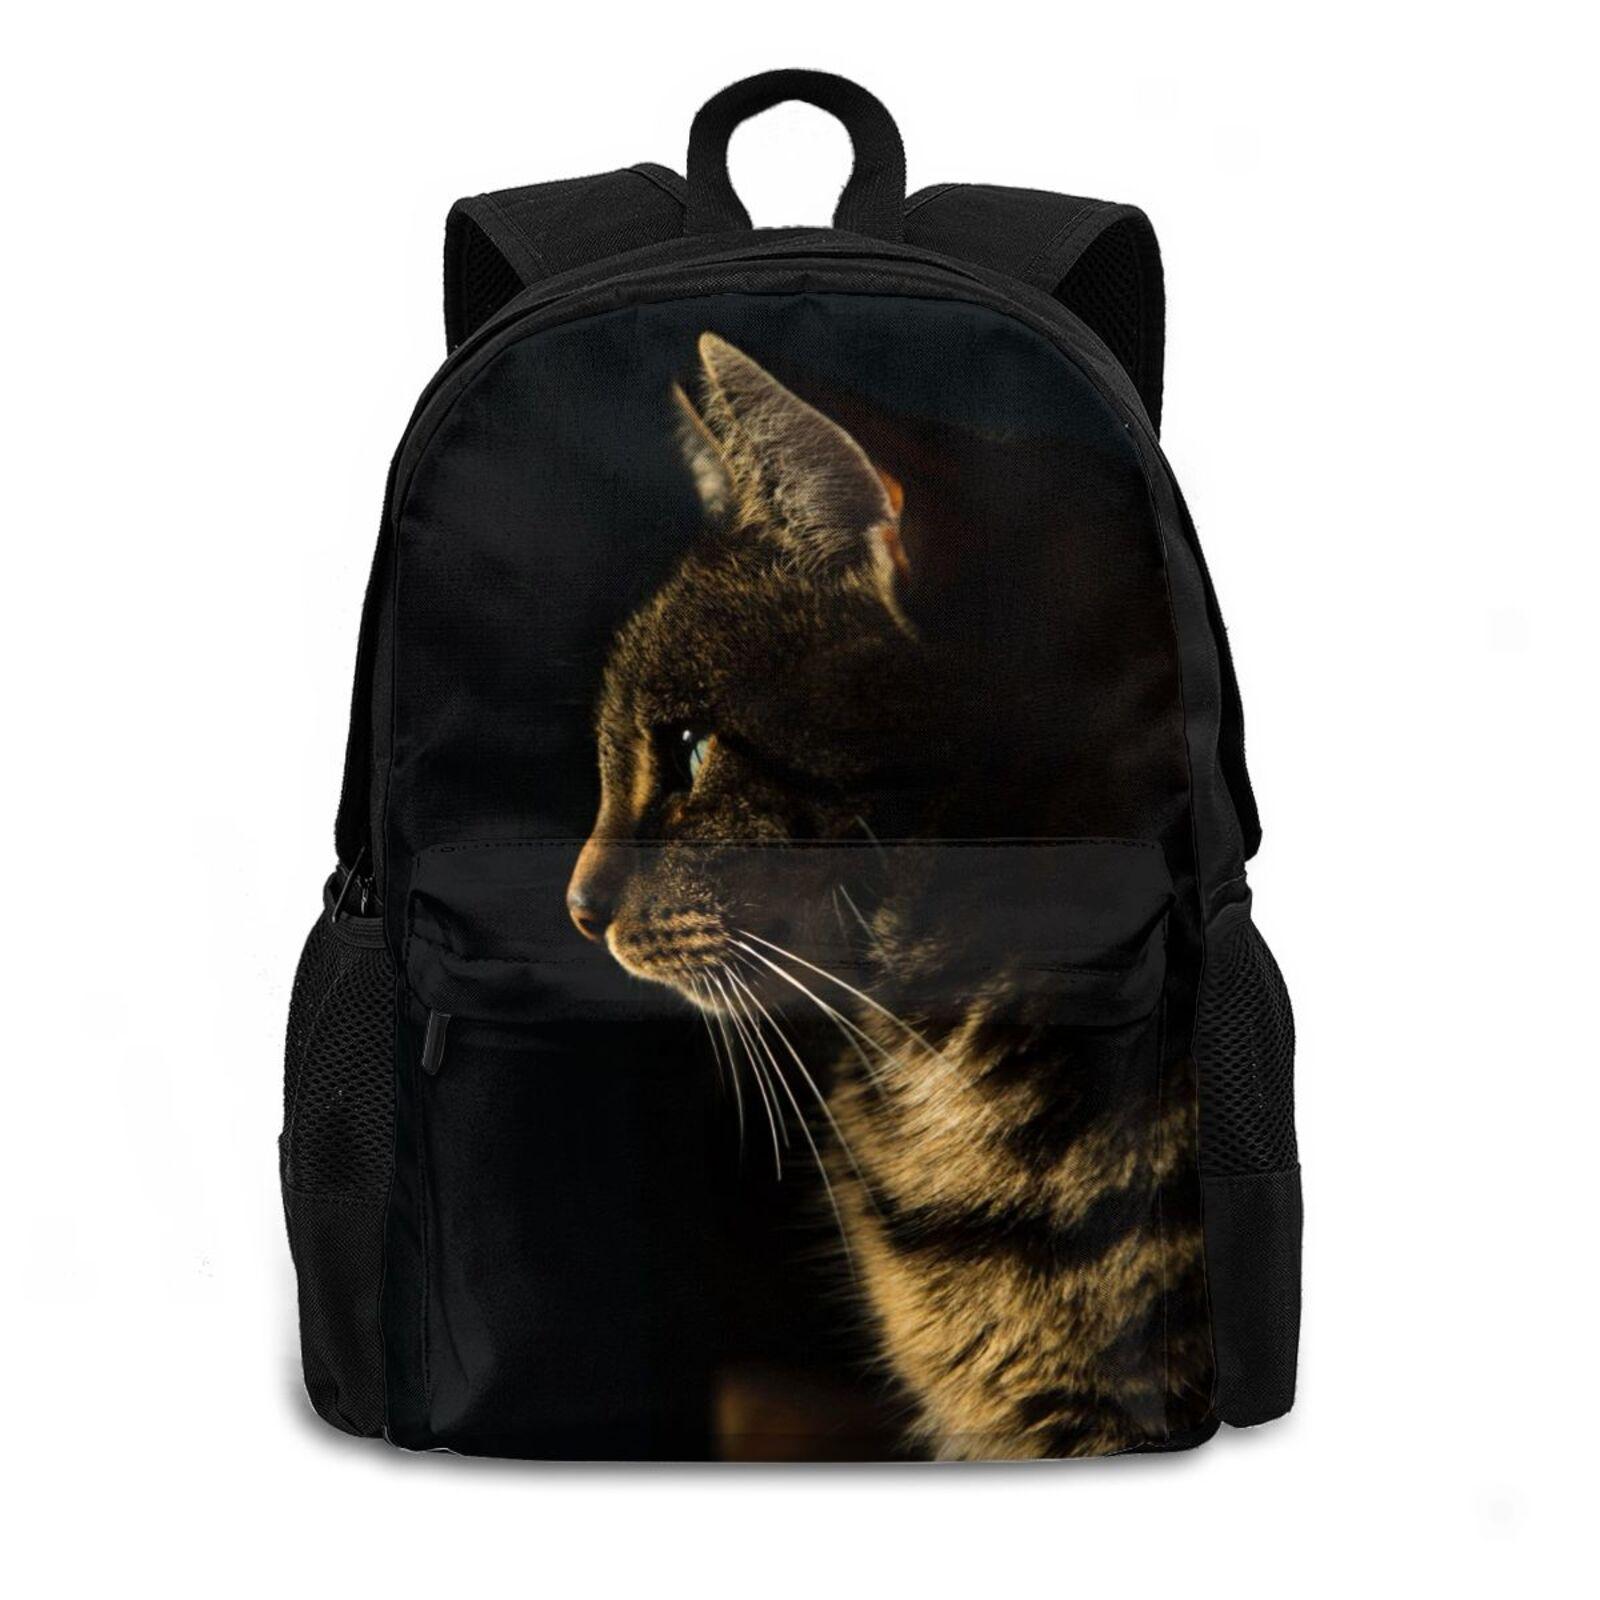 حقيبة ظهر ثلاثية الأبعاد للنساء الكلب القط الحصان حقيبة الكتب الشخصية للبنين والبنات حقيبة ظهر مدرسية مع حقيبة لاب توب 15in